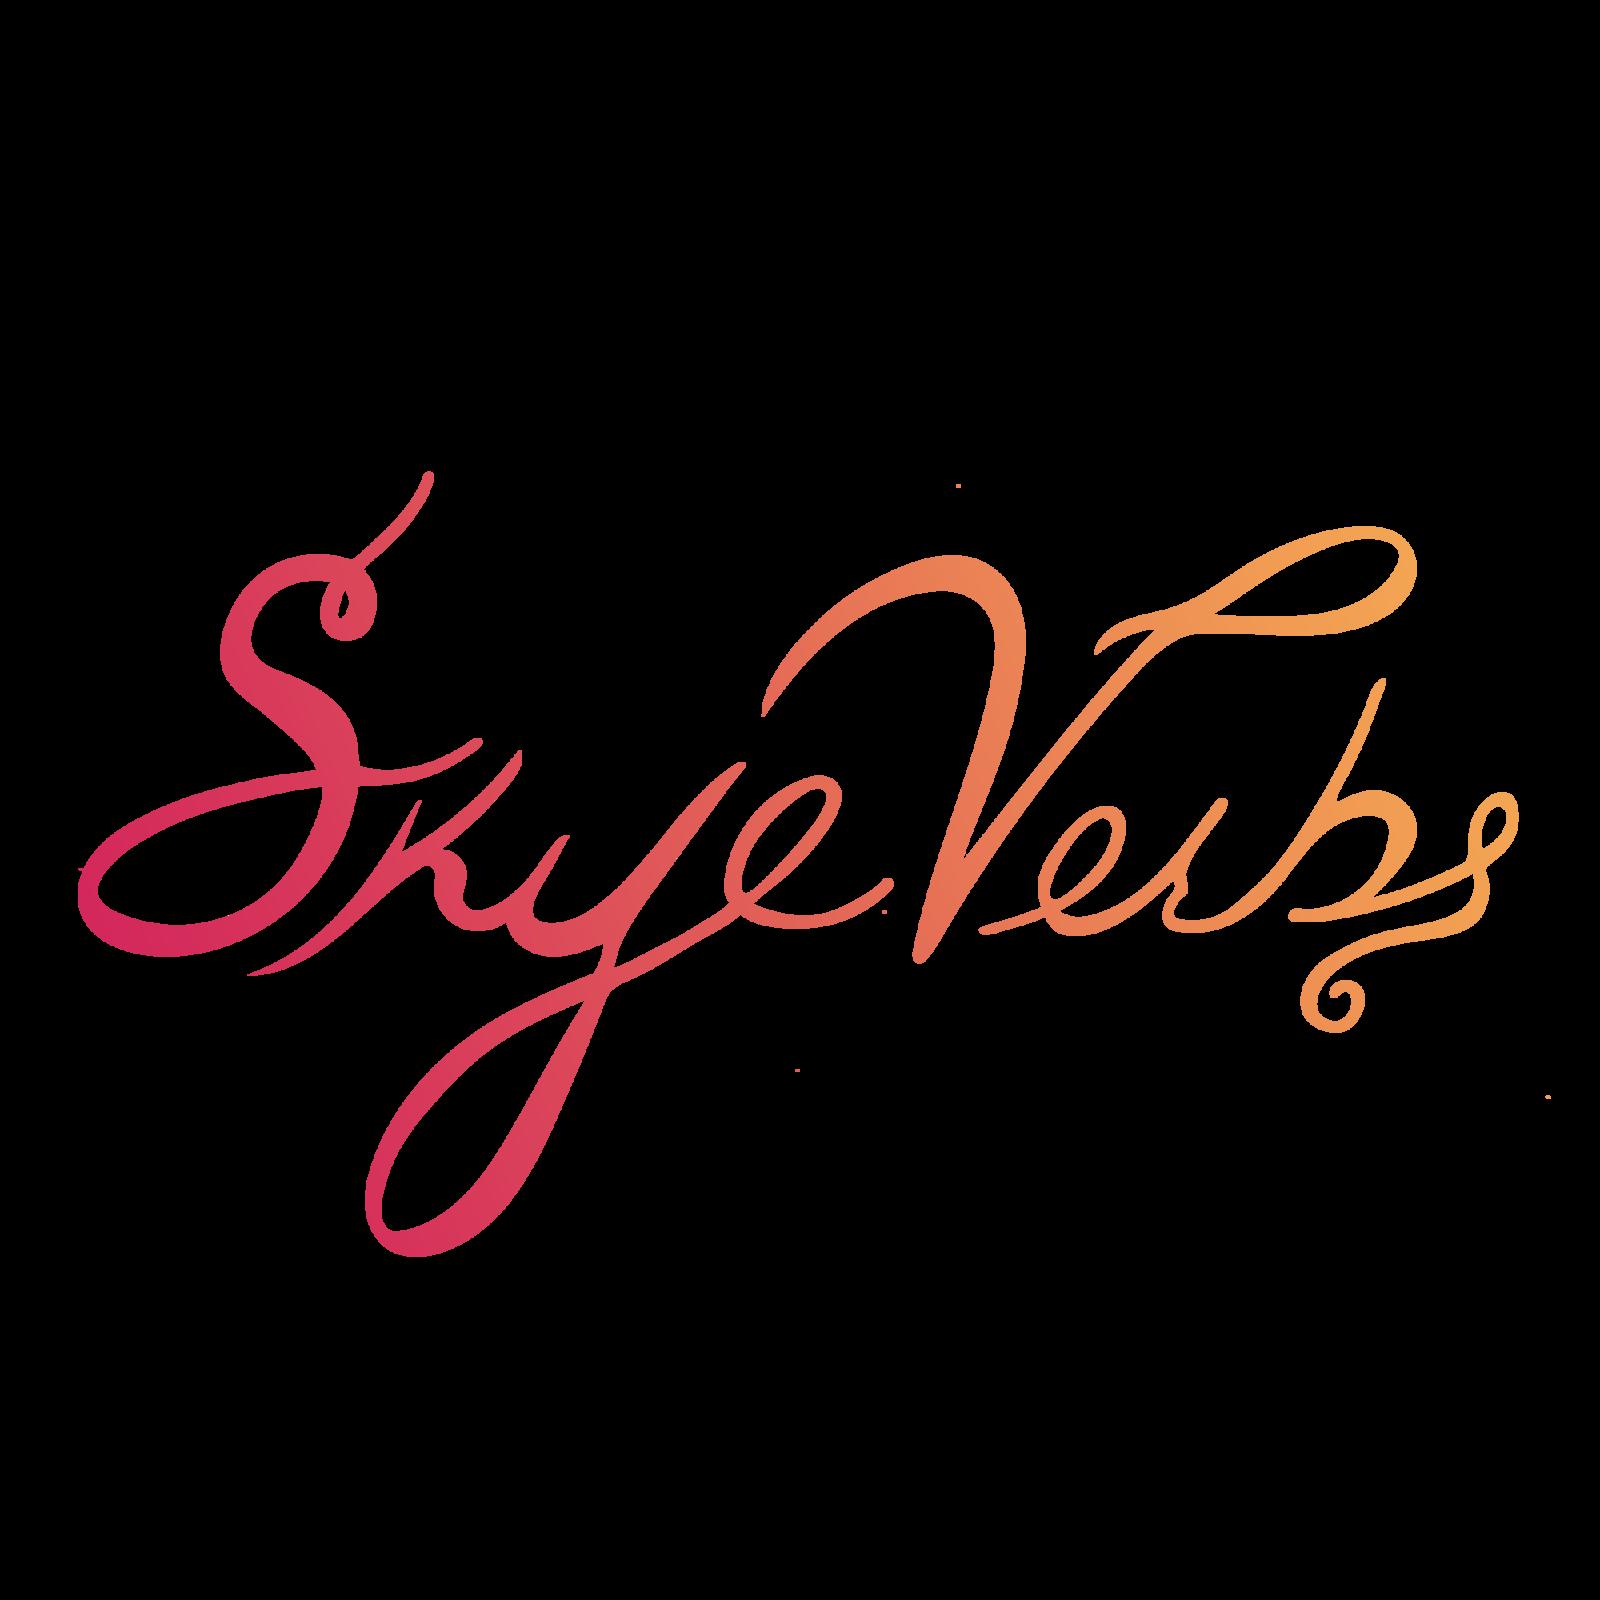 About Skye Verbs Music Artist